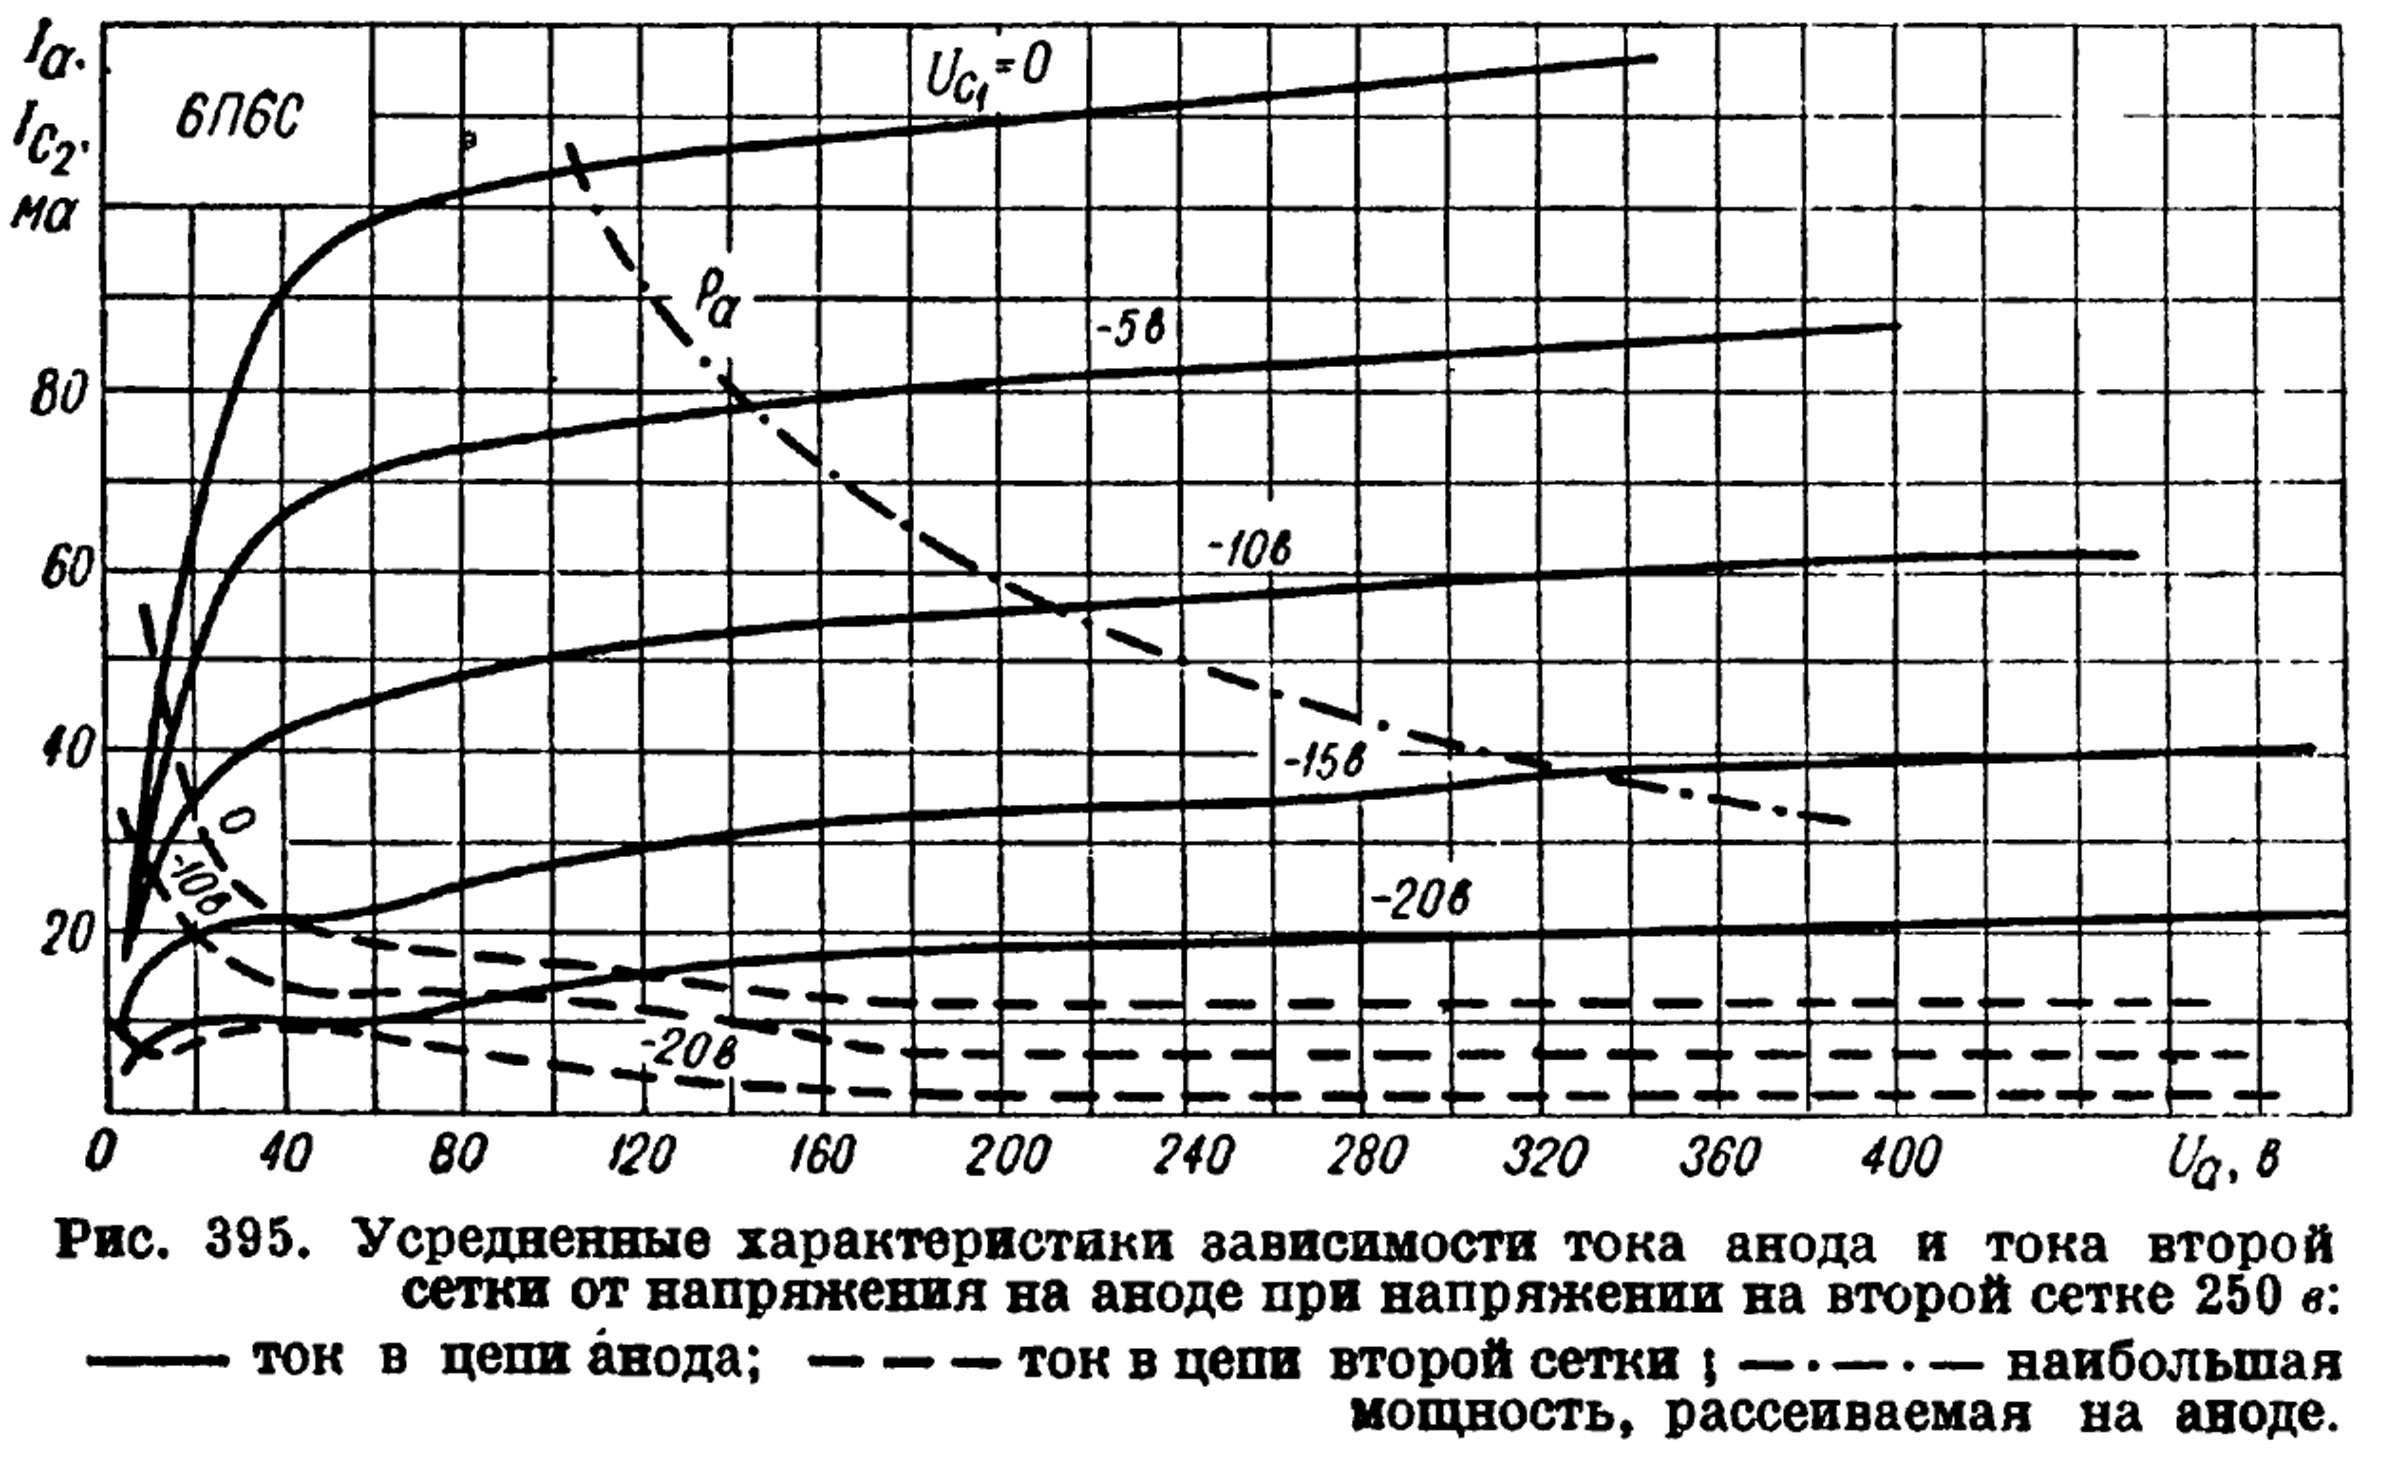 Параметры радиолампы 6П6С